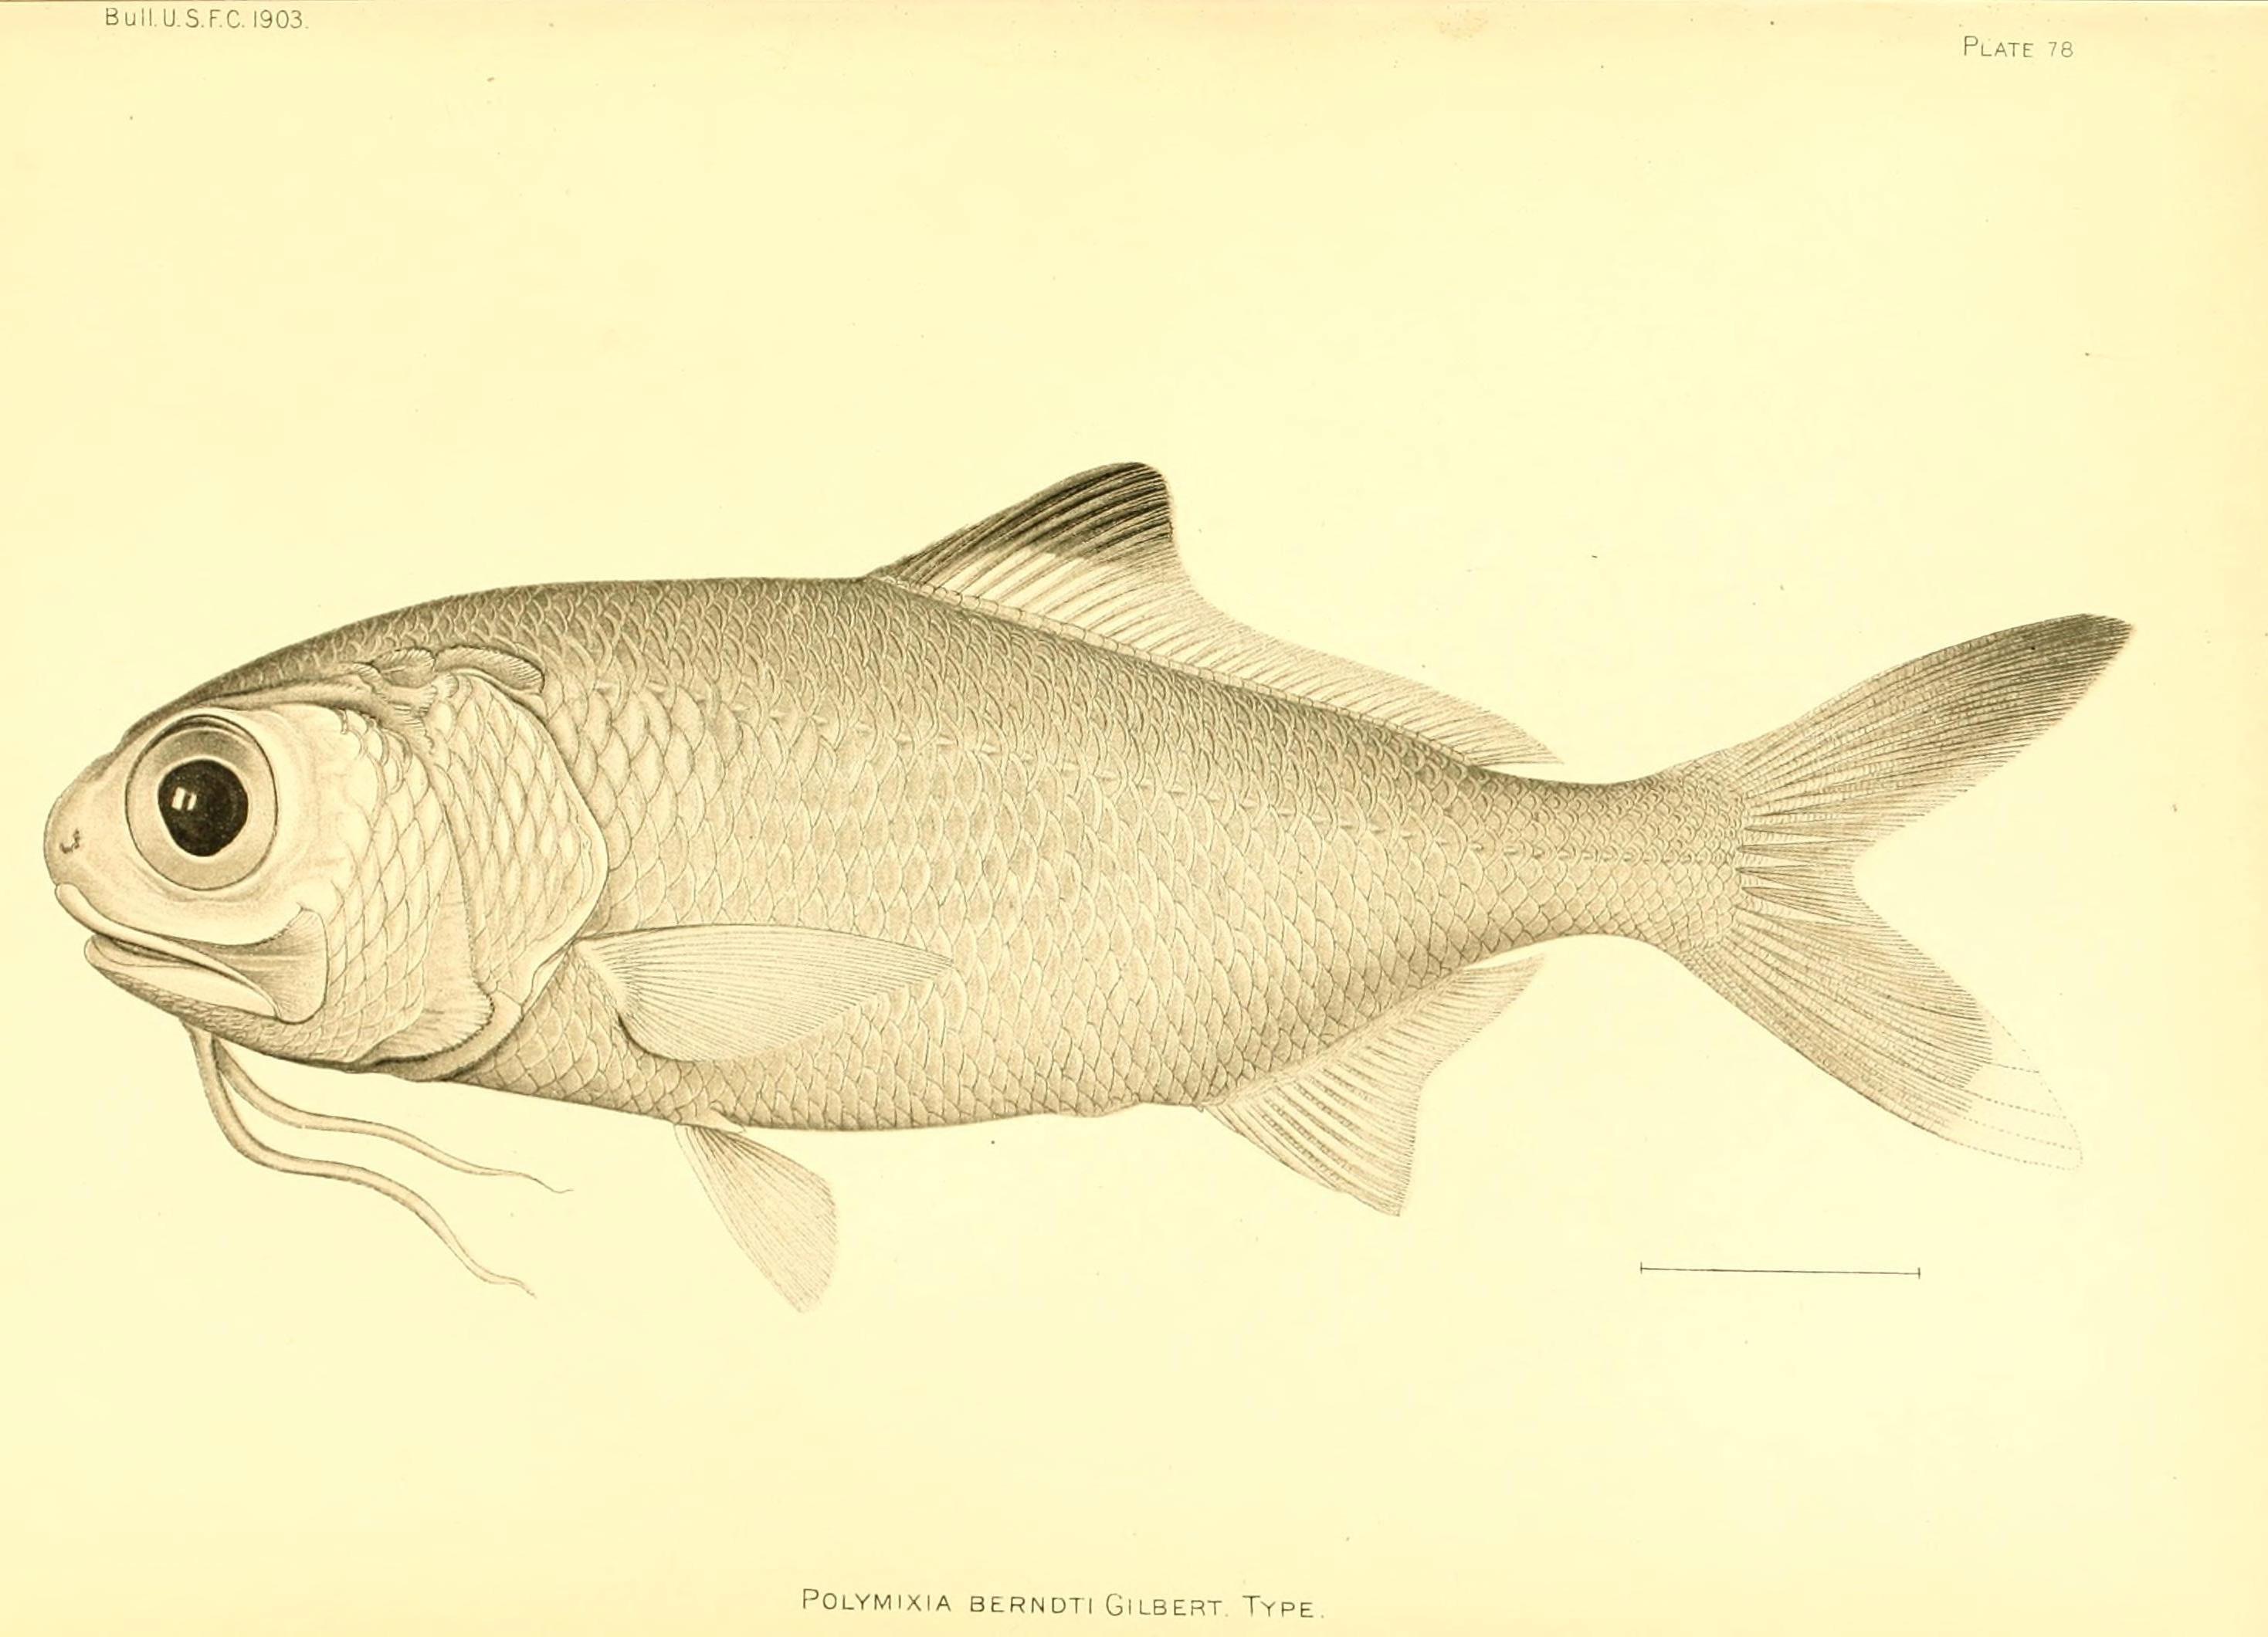 Image of Beardfish